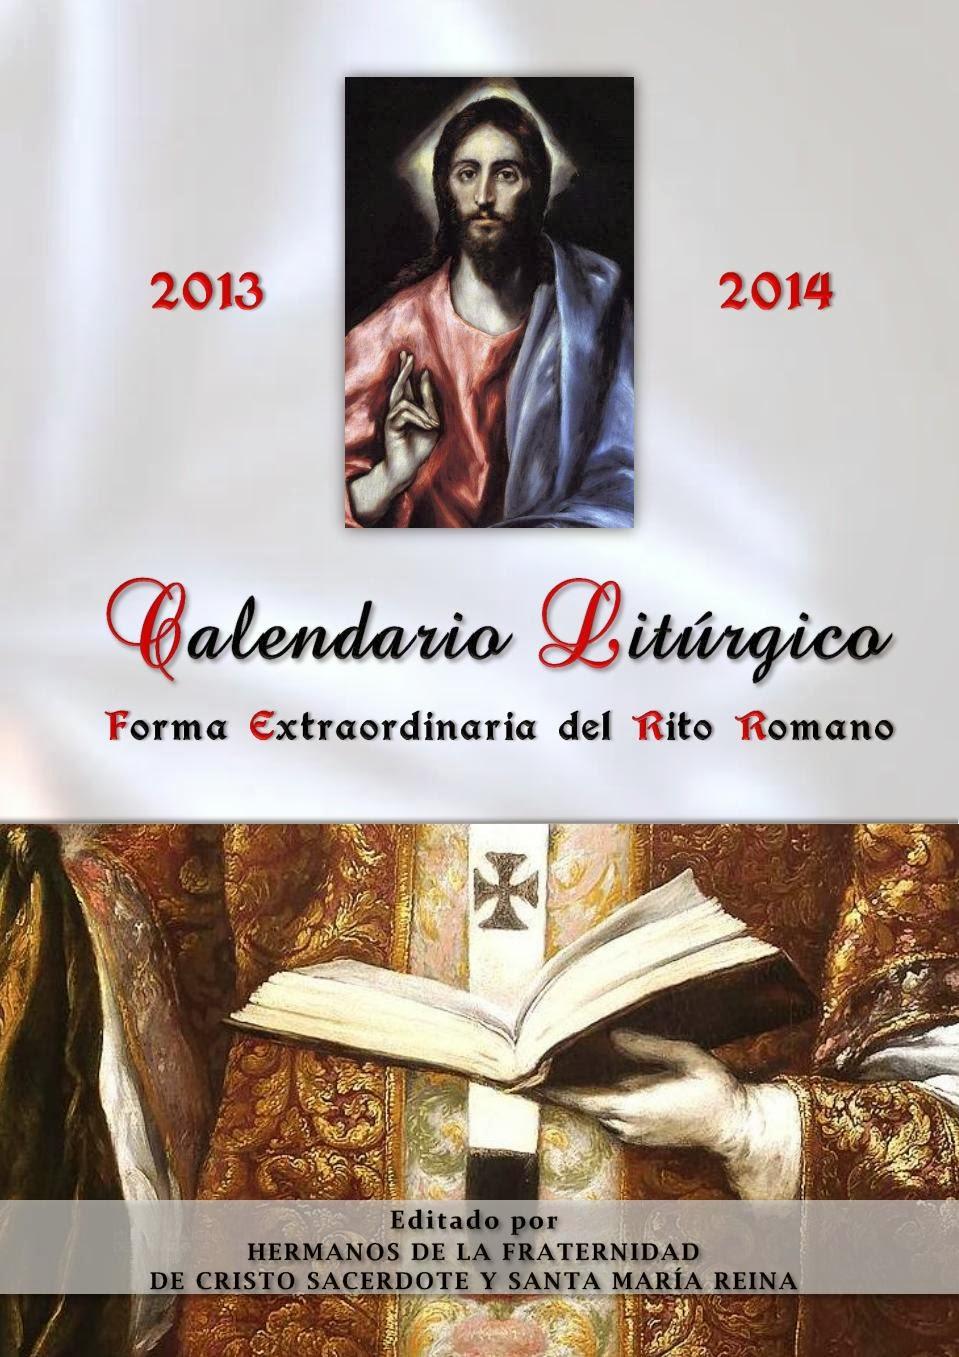 CALENDARIO LITÚRGICO DE LA FORMA EXTRAORDINARIA DEL RITO ROMANO